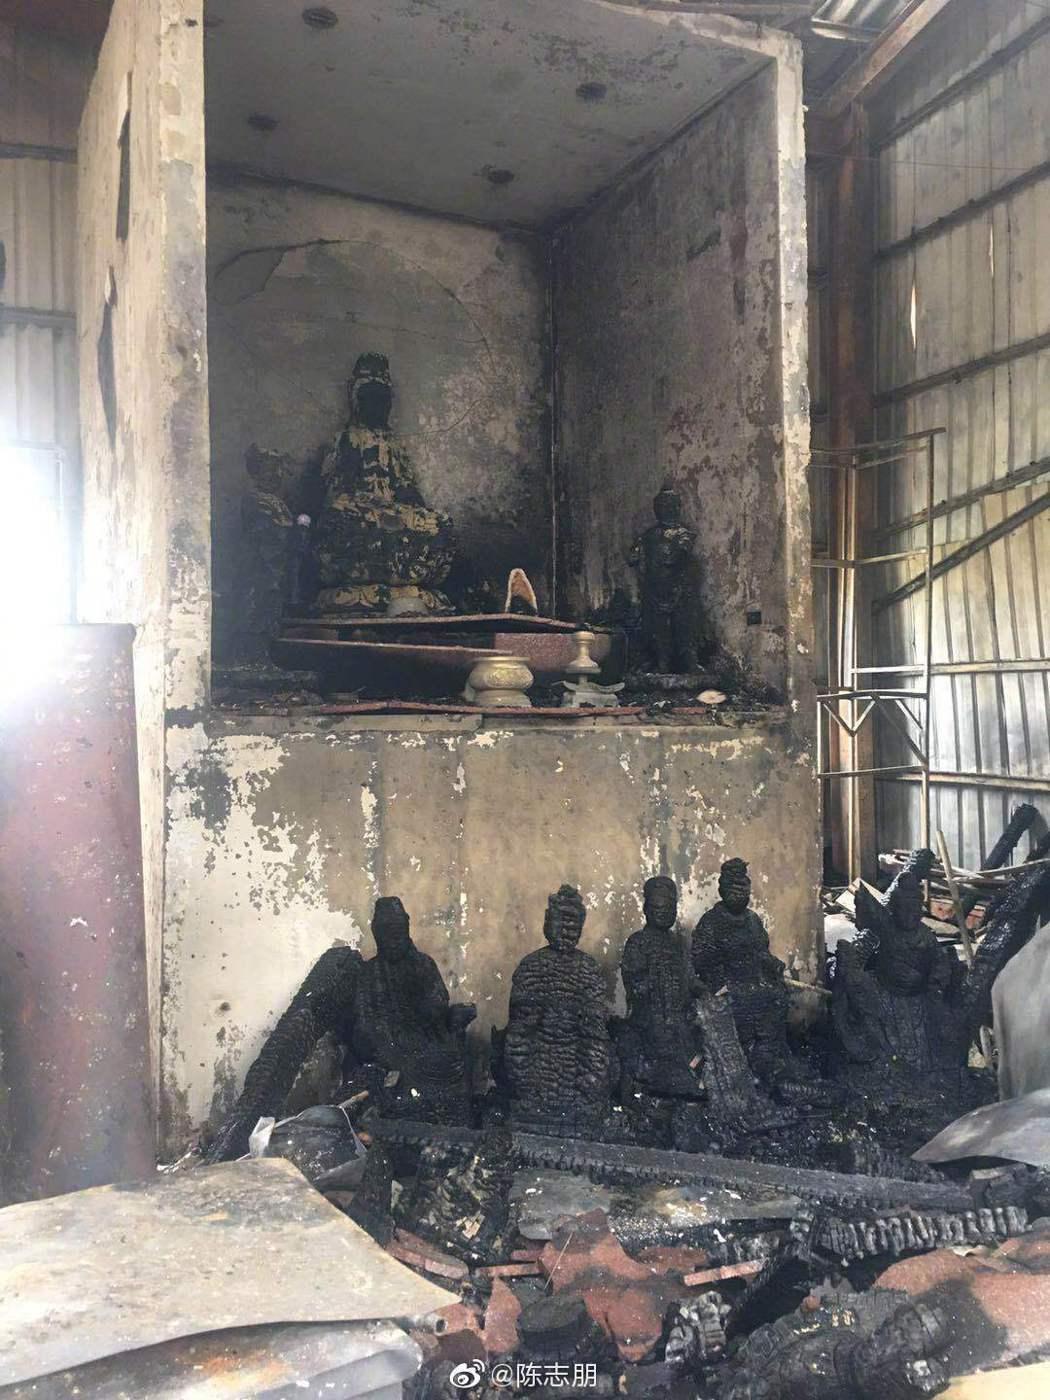 陳志朋老家經營的宮廟被燒毀。 圖/擷自陳志朋微博